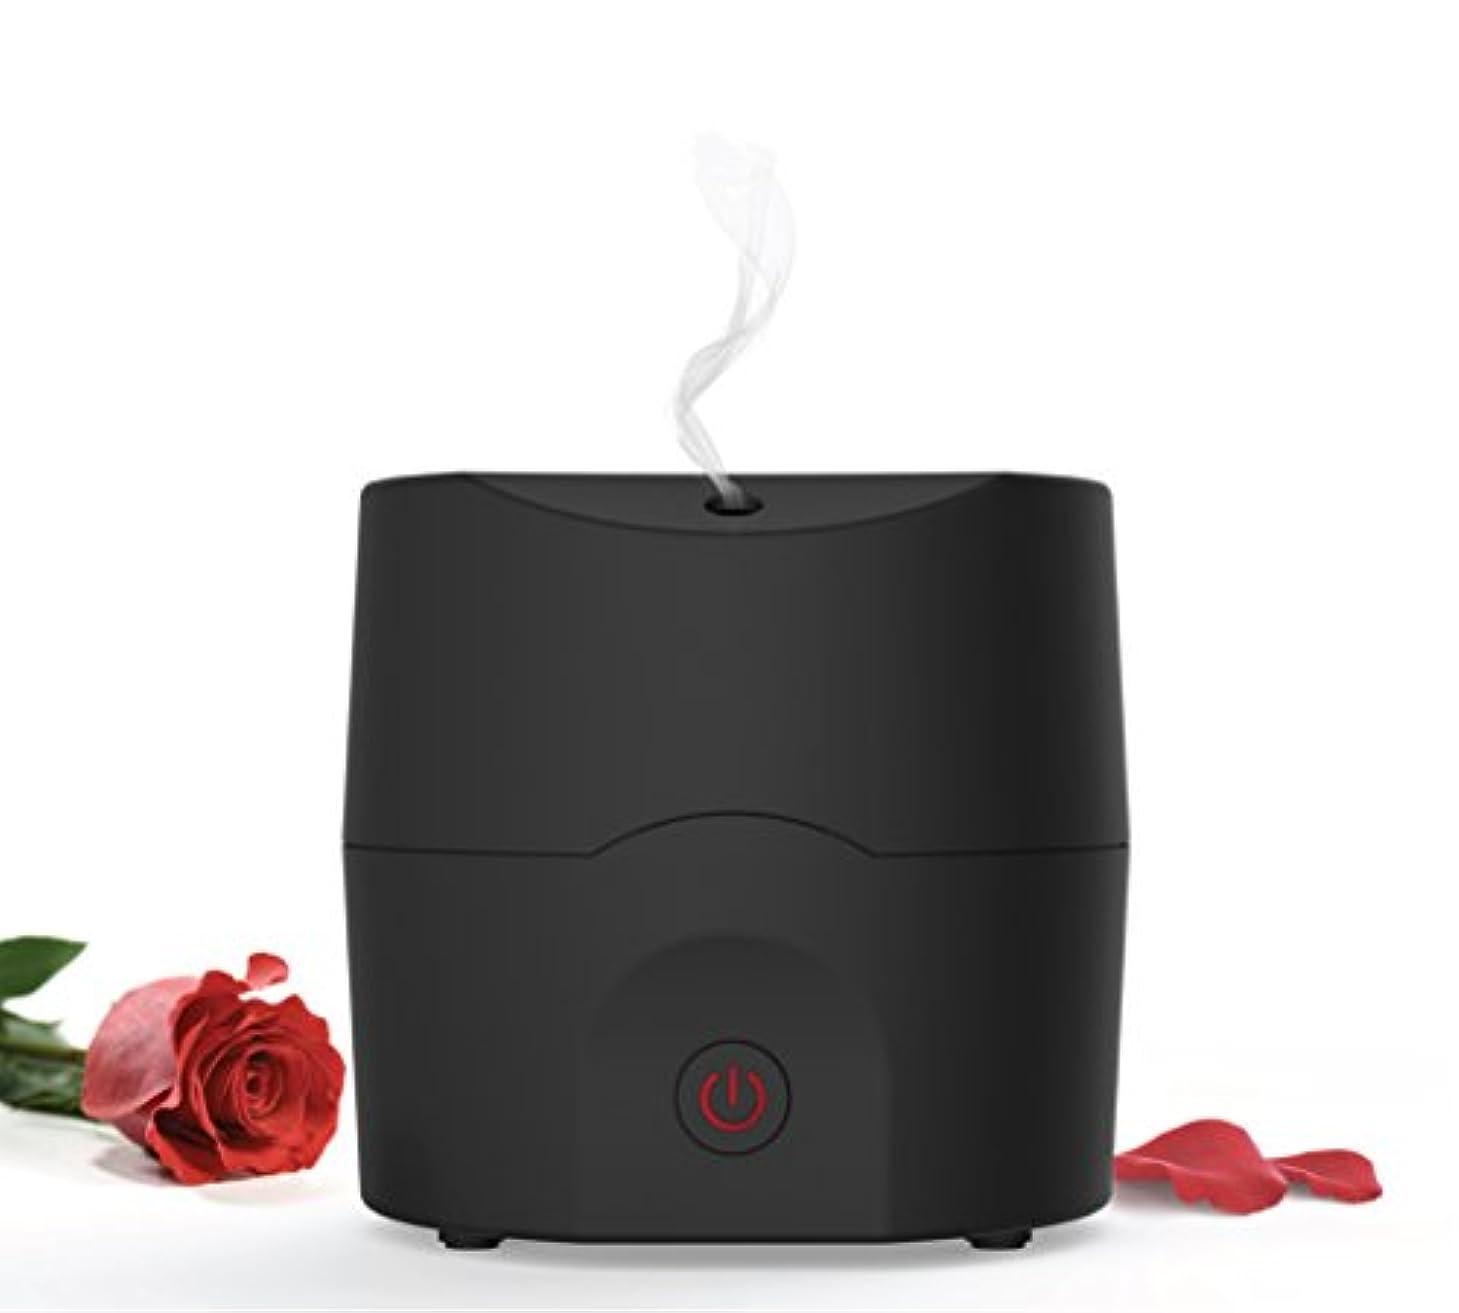 潮森快適Alpha Aroma Best essential Oil Diffuser, Scent and fragrance ultrasonic Aromatherapy - Now with Belgian Design...